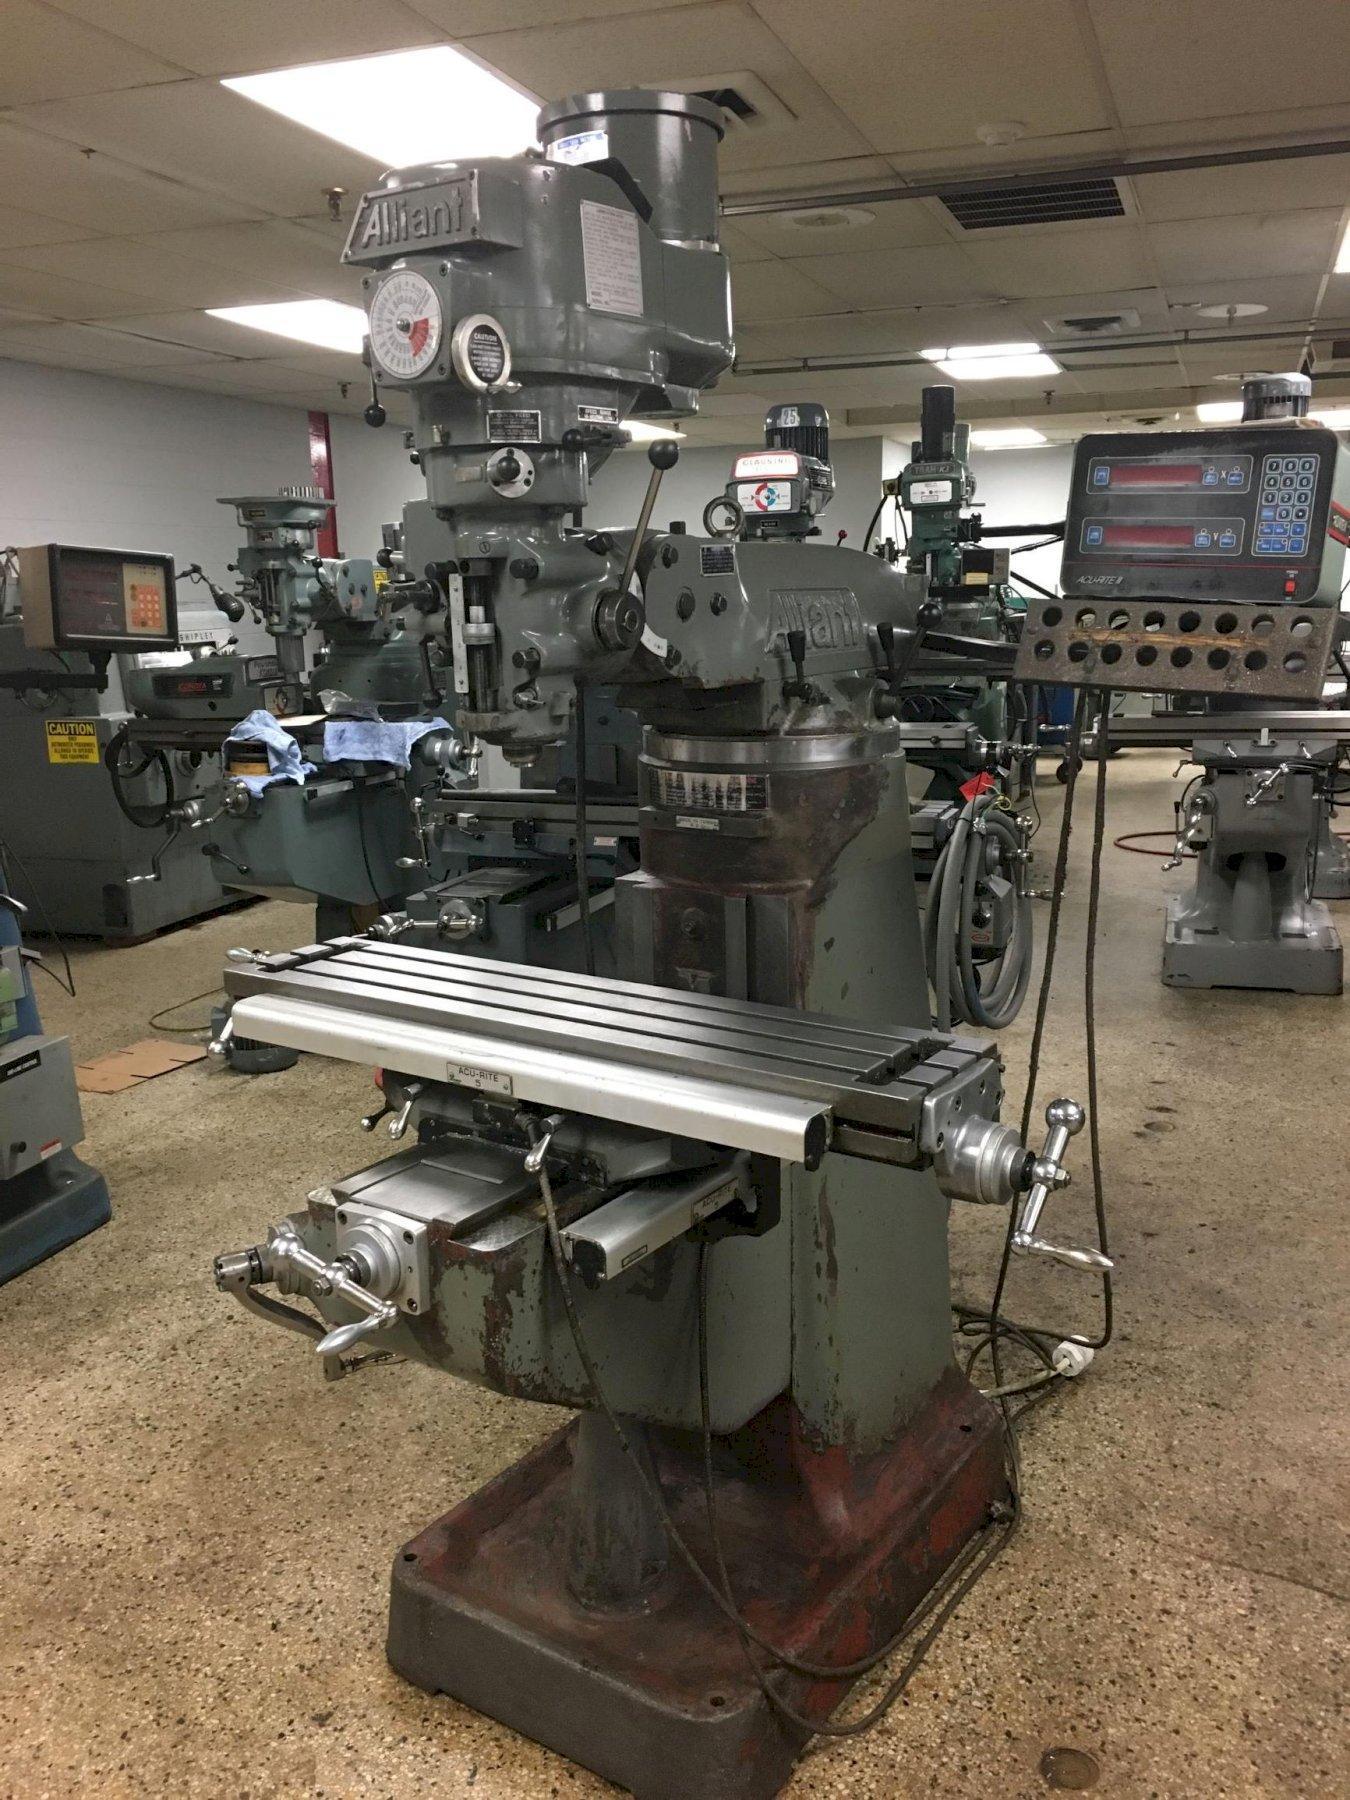 Alliant Model RT2 Variable Speed Vertical Mill, S/N 80312345.